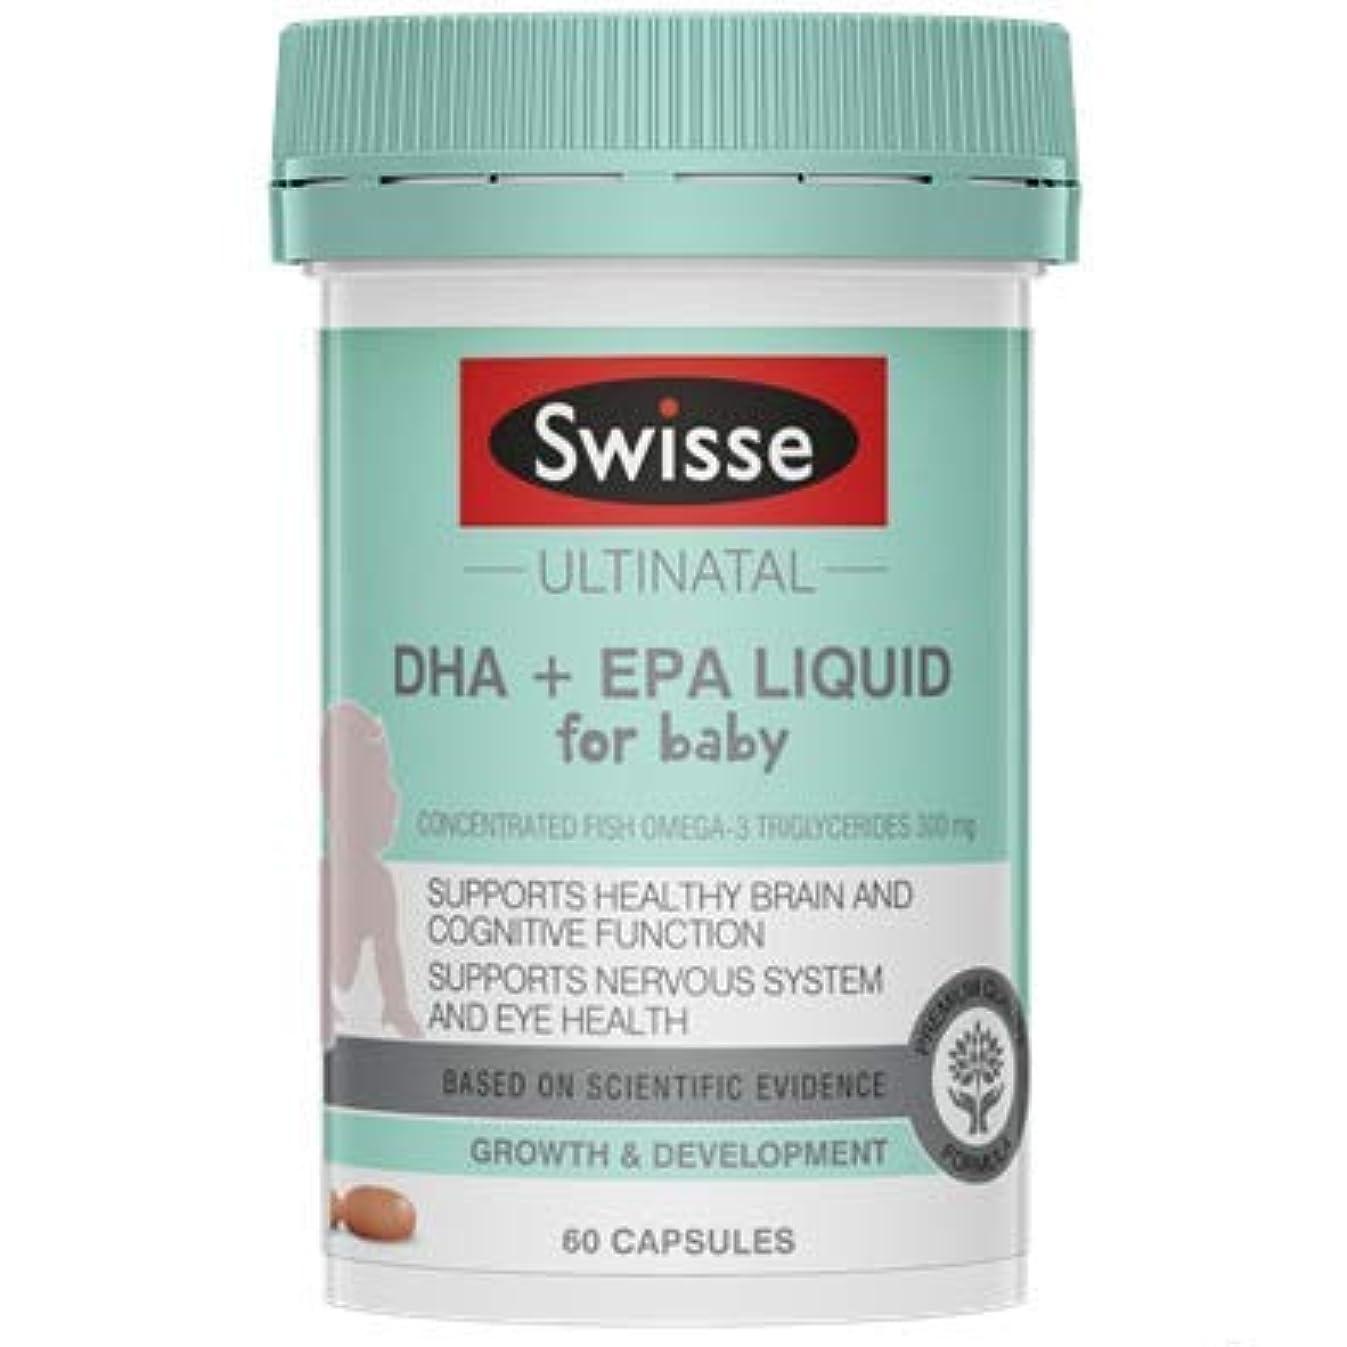 召喚するかび臭い泳ぐSwisse Ultinatal DHA + EPA 液体 赤ちゃん用 60カプセル [豪州直送品] [並行輸入品]